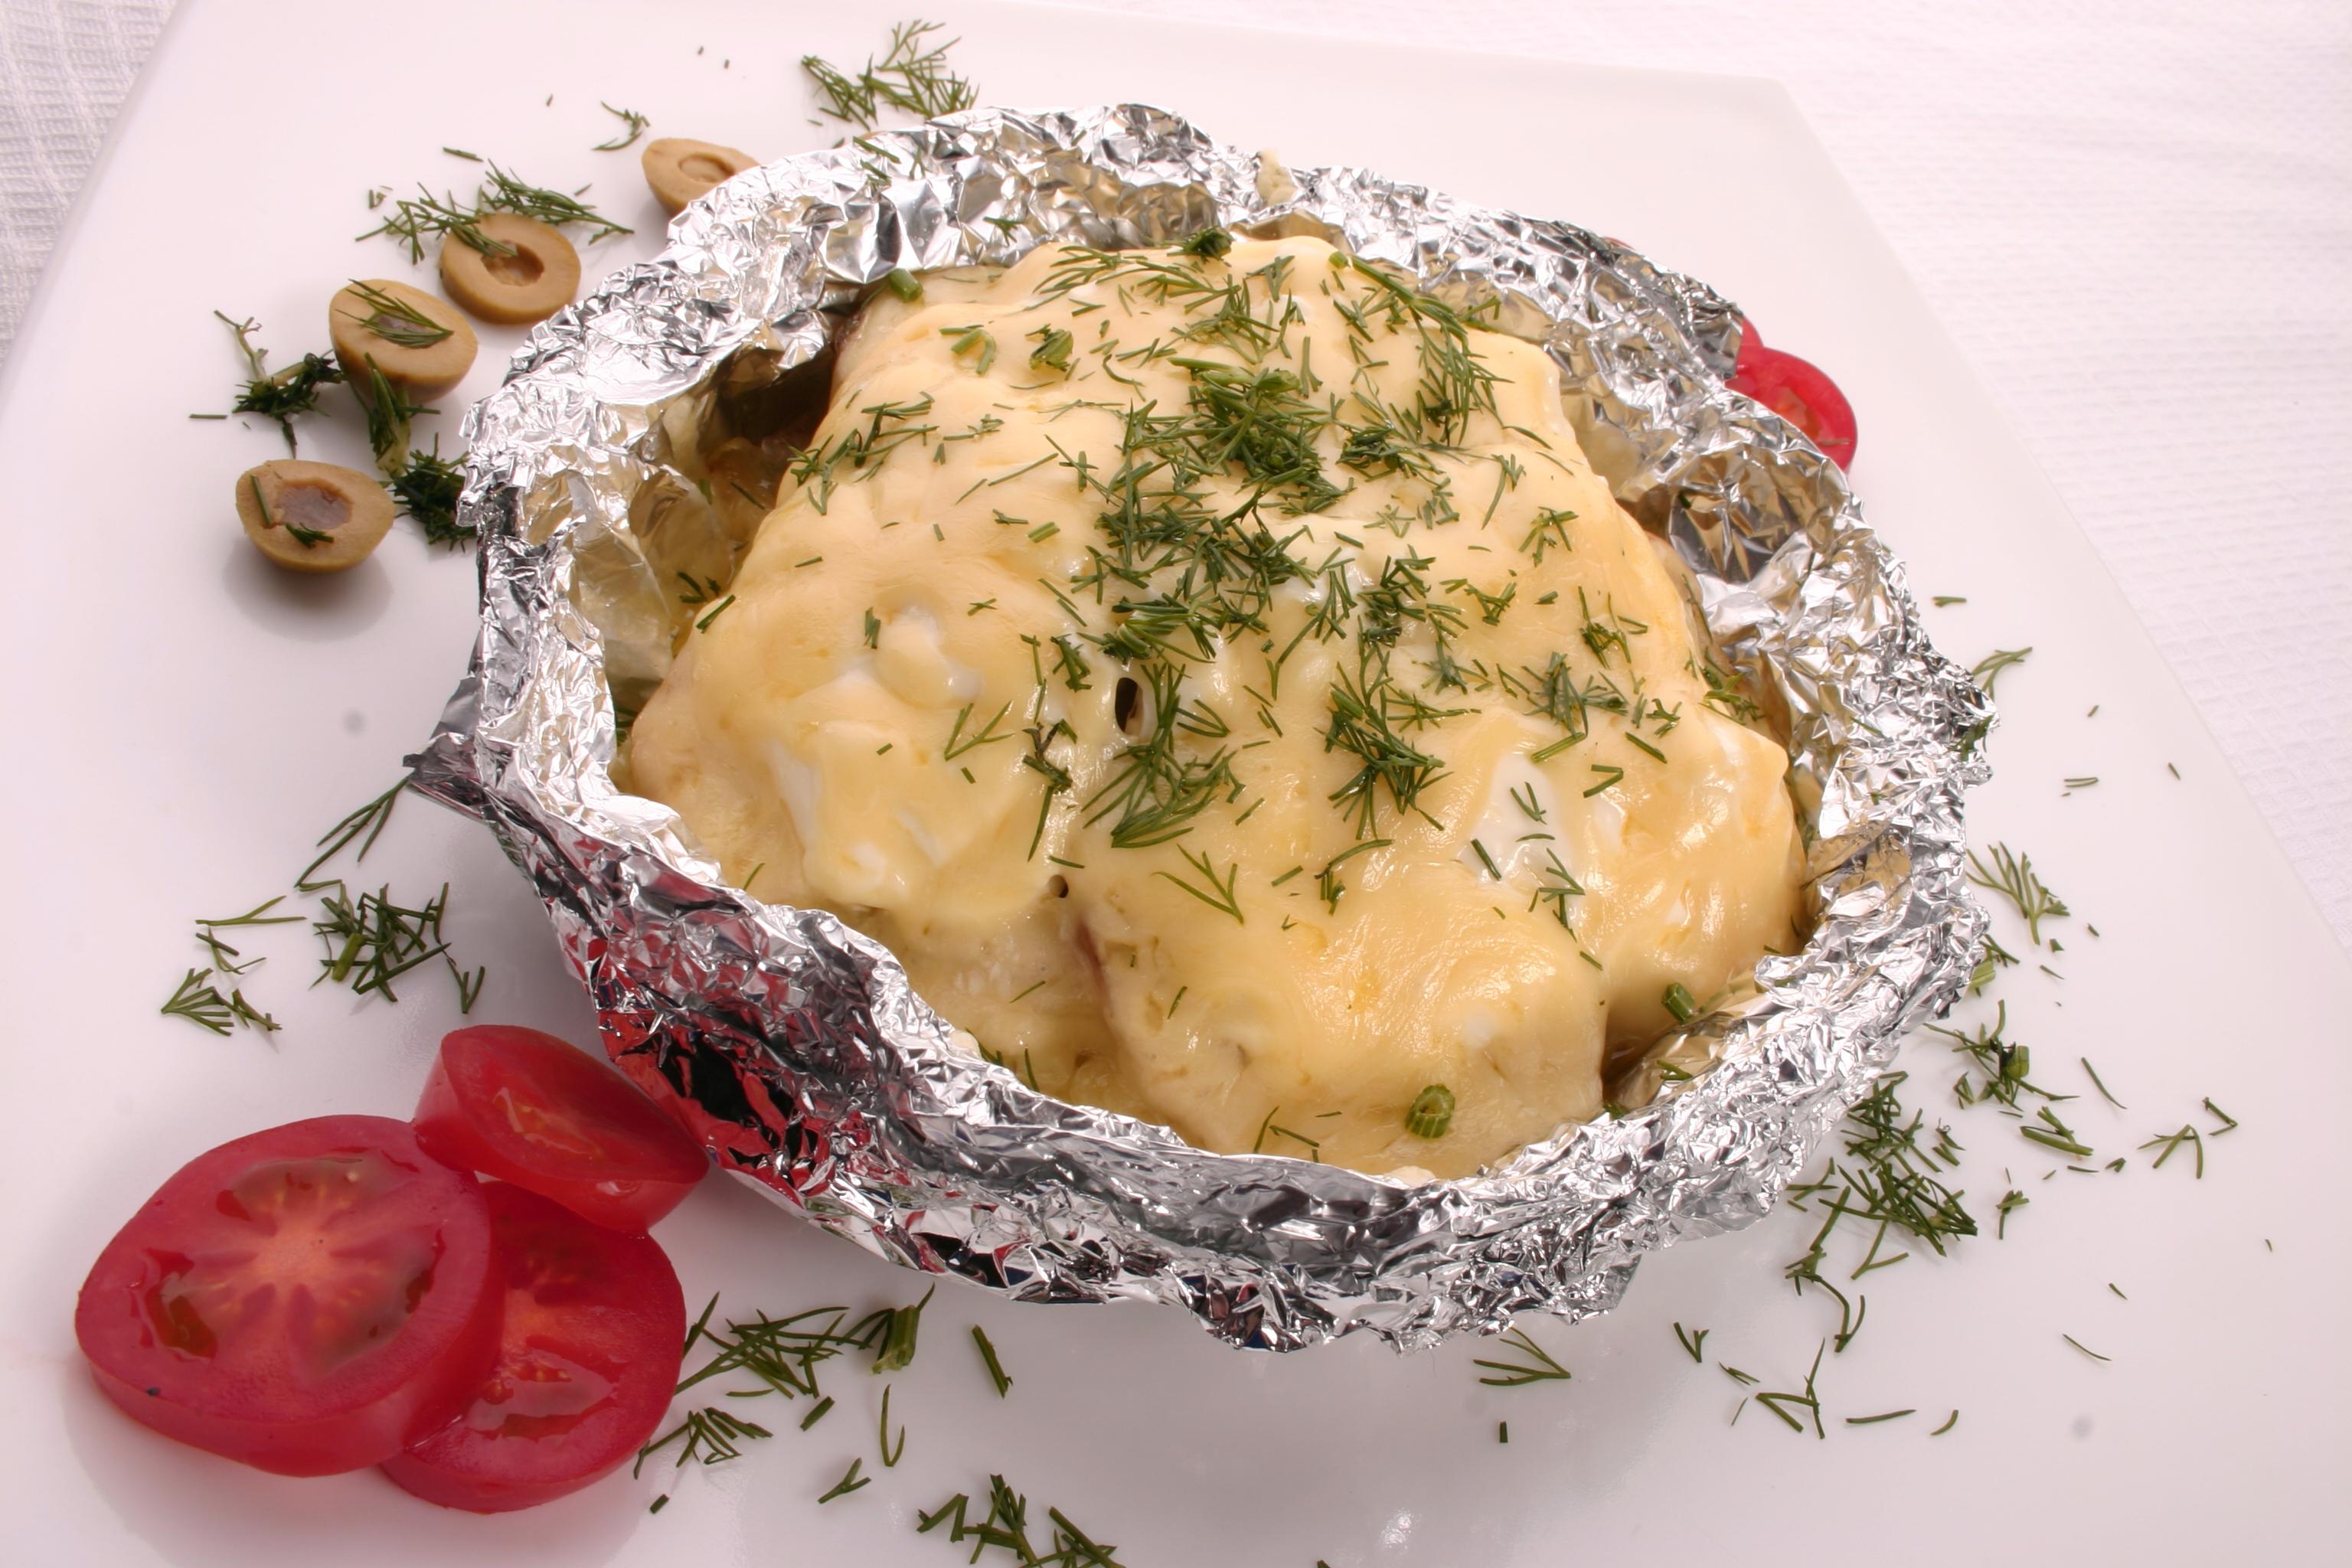 рецепты из рыбы судак в духовке с картошкой